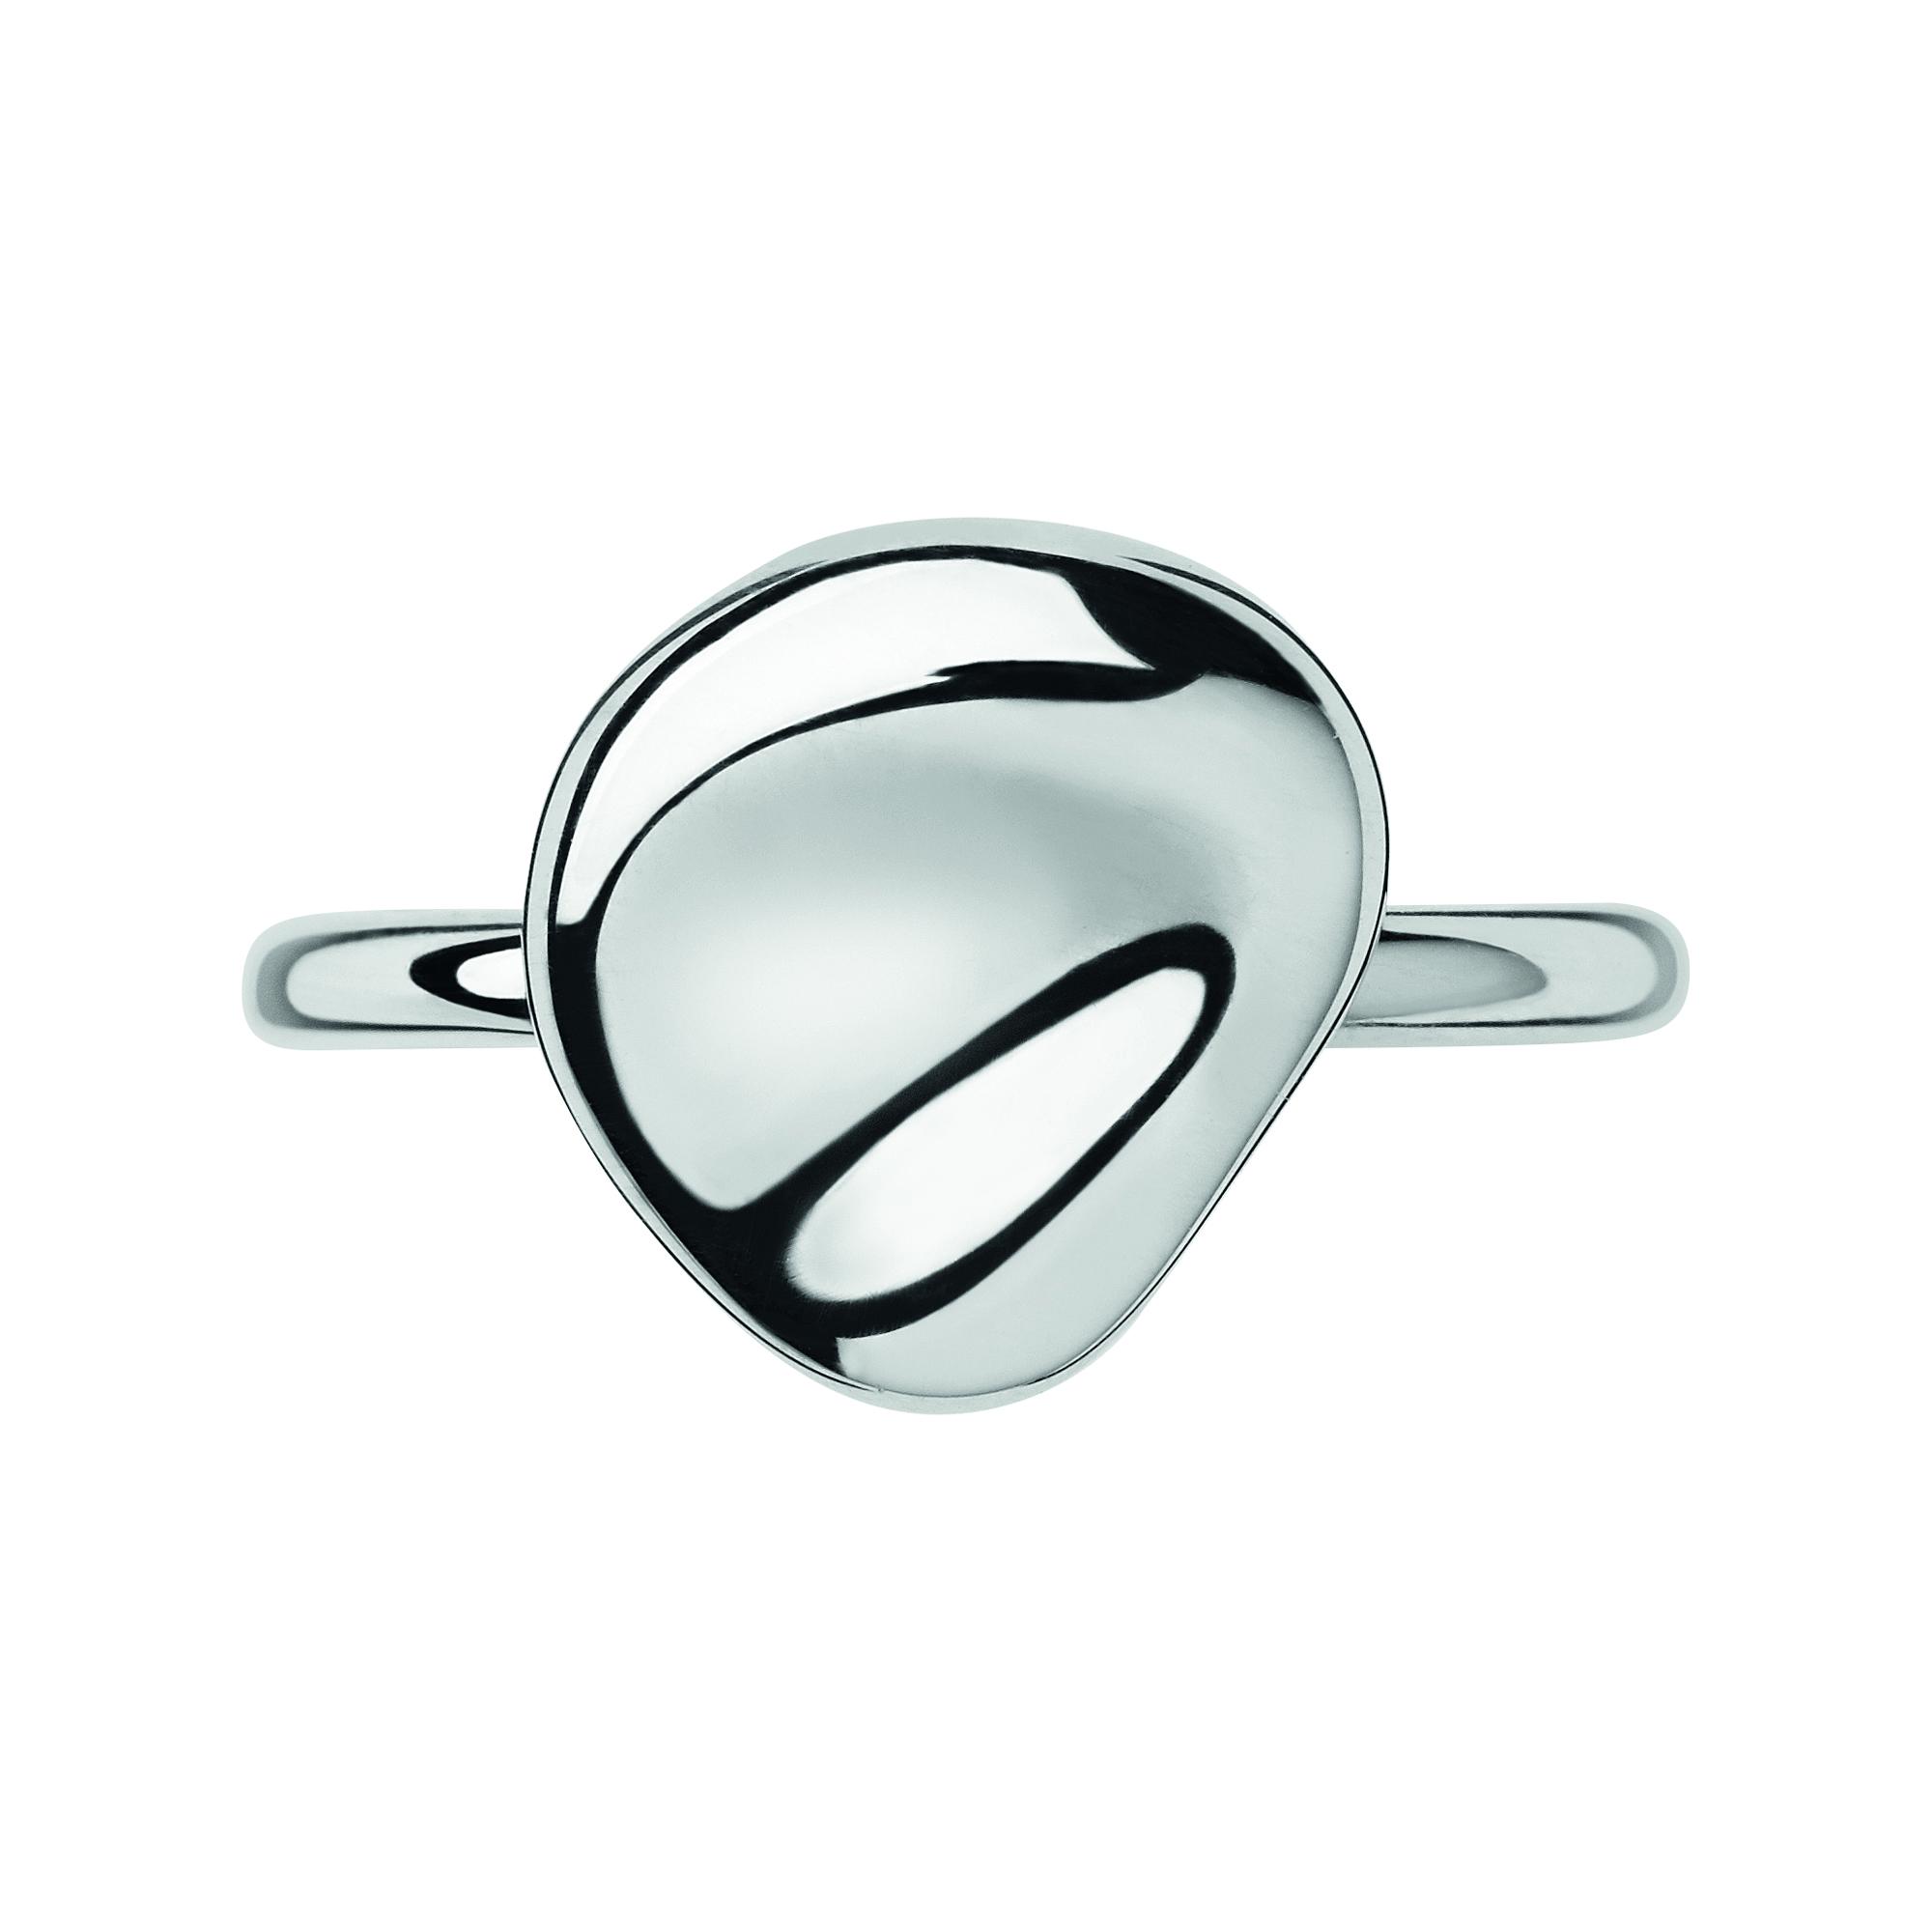 LINKS OF LONDON - Ασημένιο δαχτυλίδι Pebbles -μέγεθος 56 γυναικεία αξεσουάρ κοσμήματα δαχτυλίδια